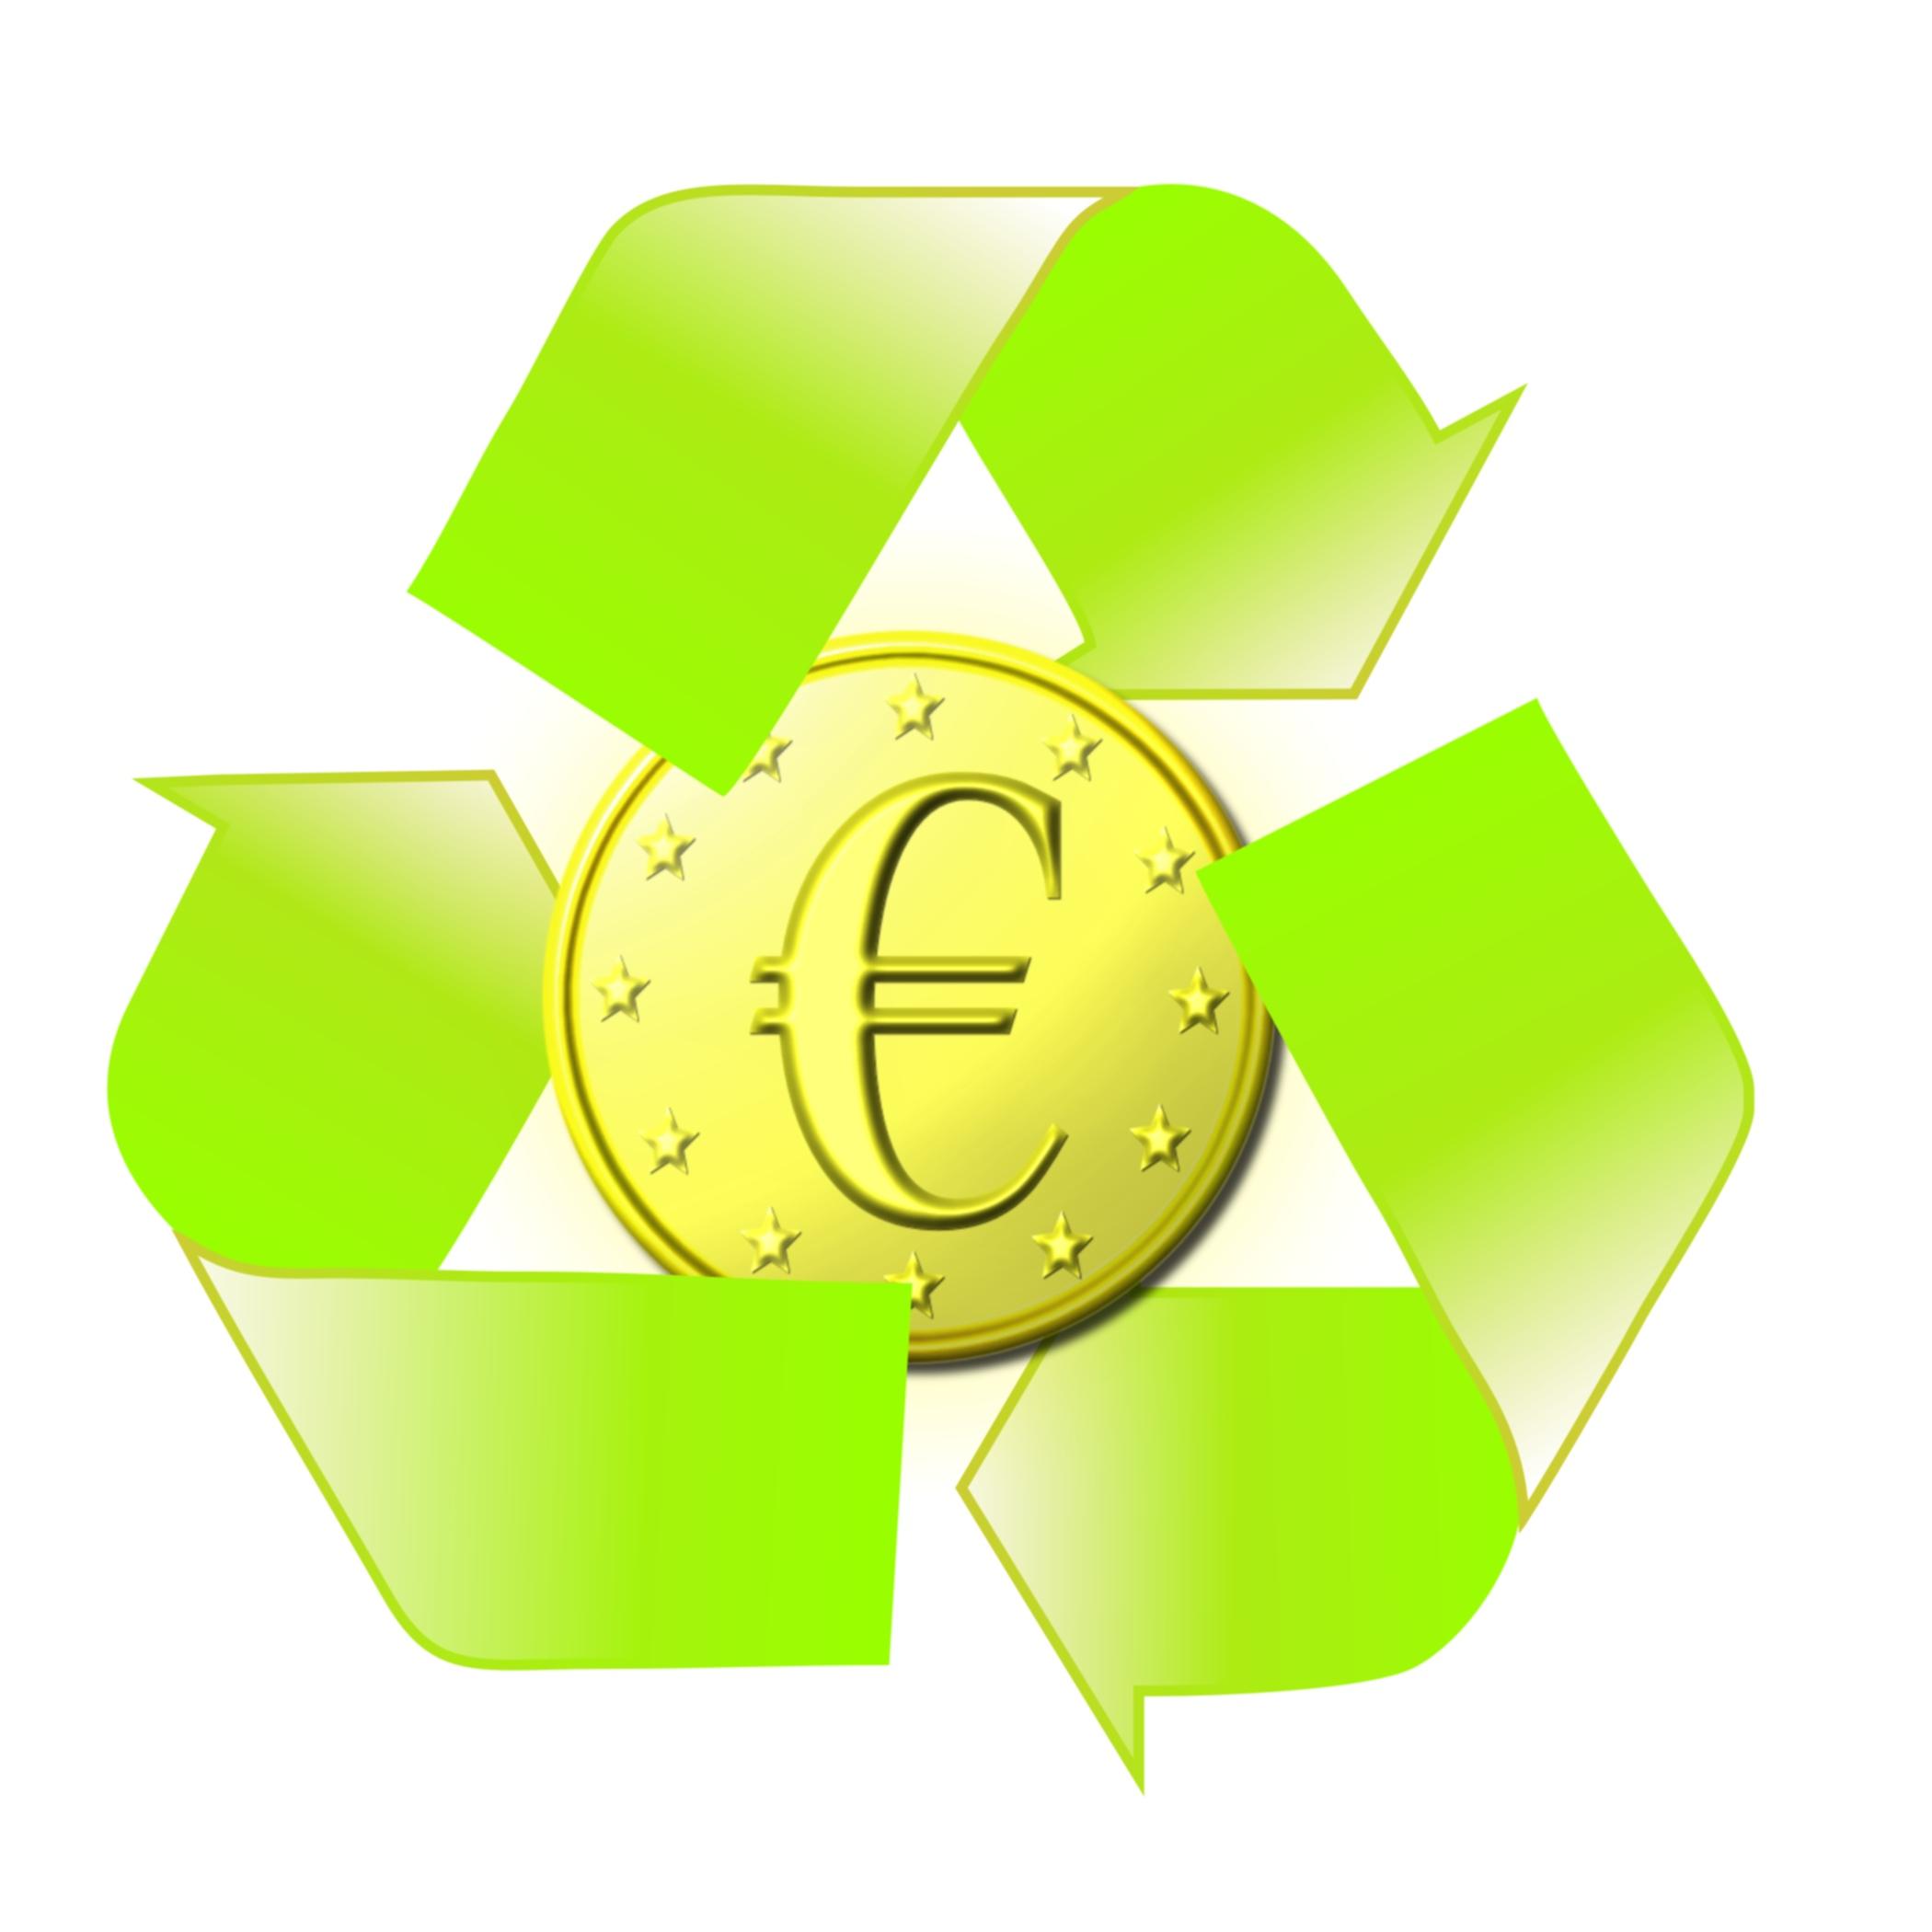 tanie przekazy zagraniczne euro